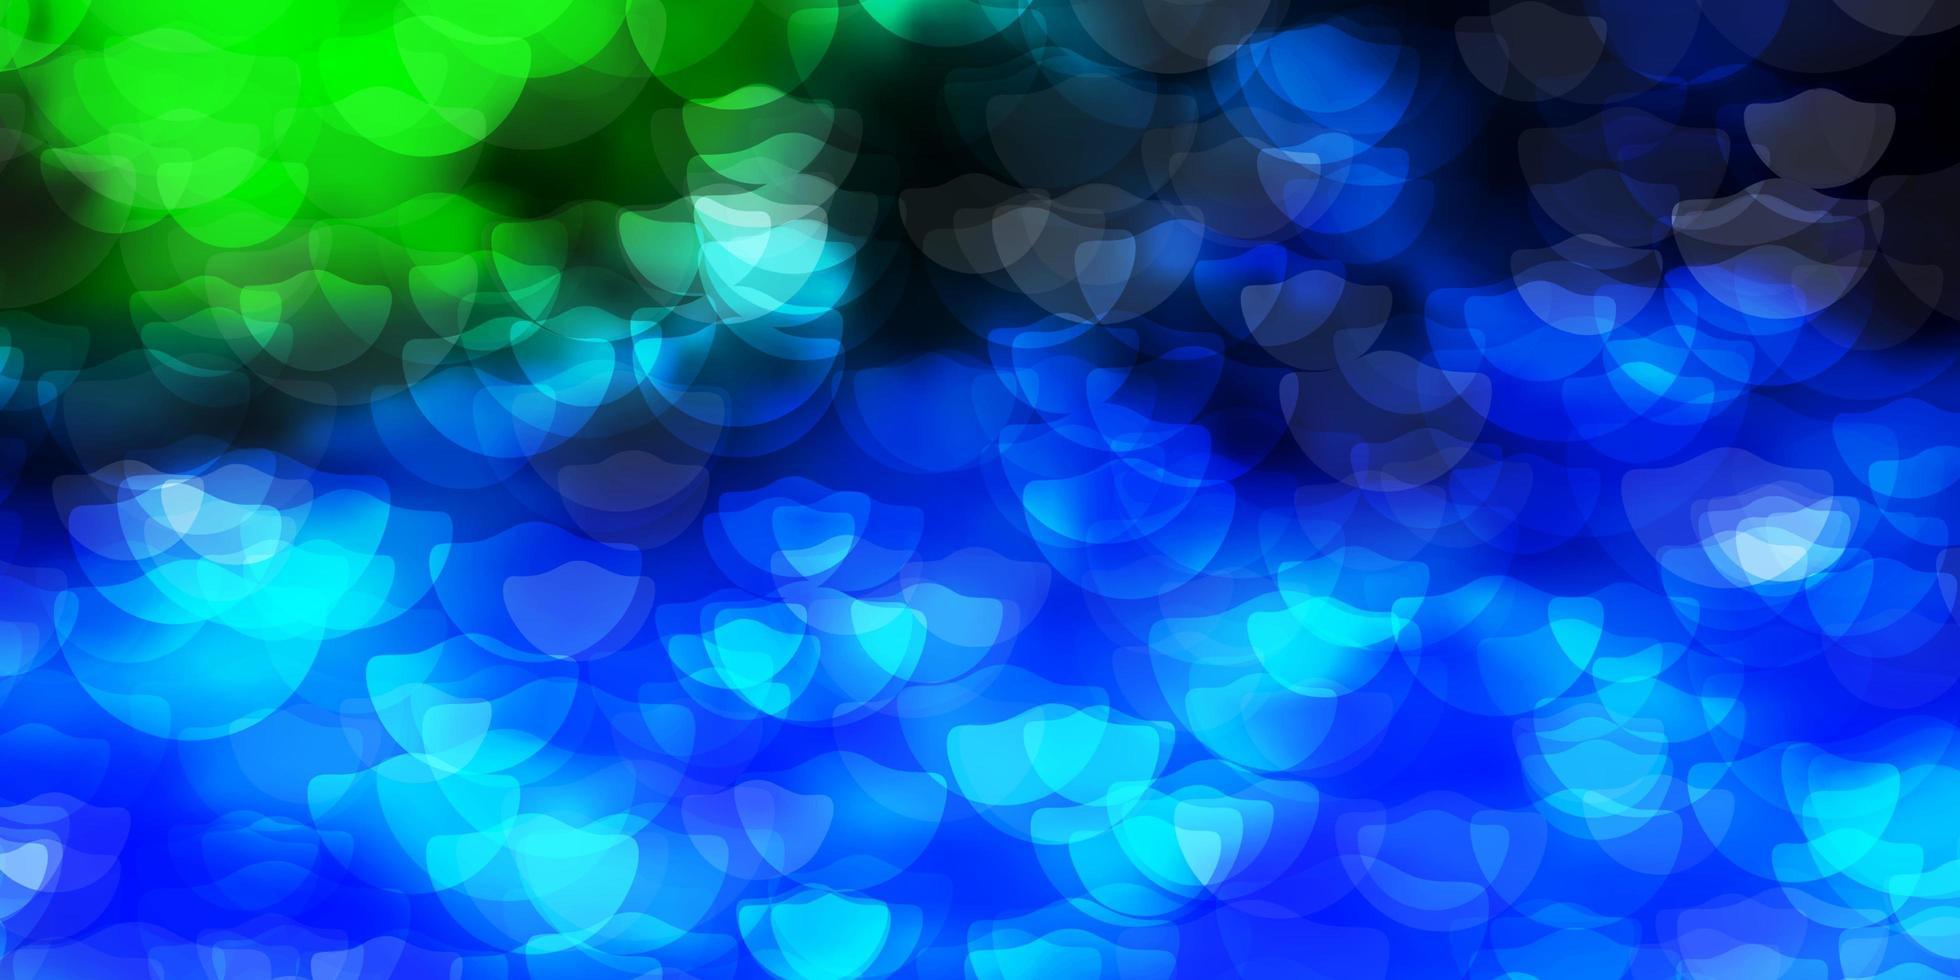 textura de vector azul oscuro, verde con discos.